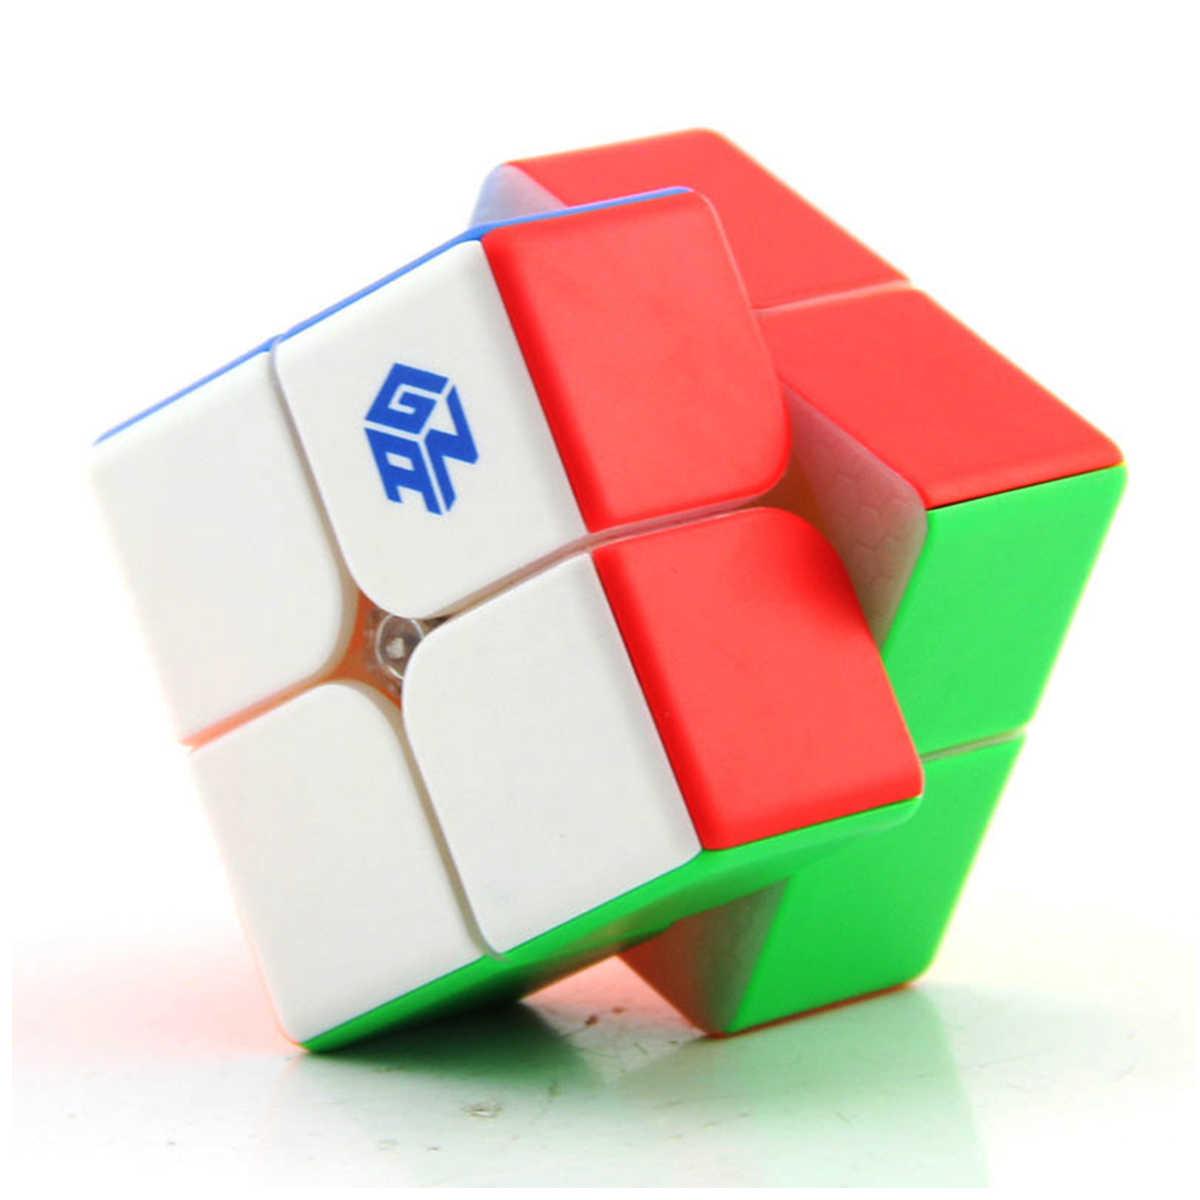 Oyuncak Нео Куб оригинальный Ган 249 V2 м 249 Магнитный куб, Волшебная головоломка, 2x2x2 игрушки для конкурса Cubo 2x2 Скорость с помощью магнитов игры